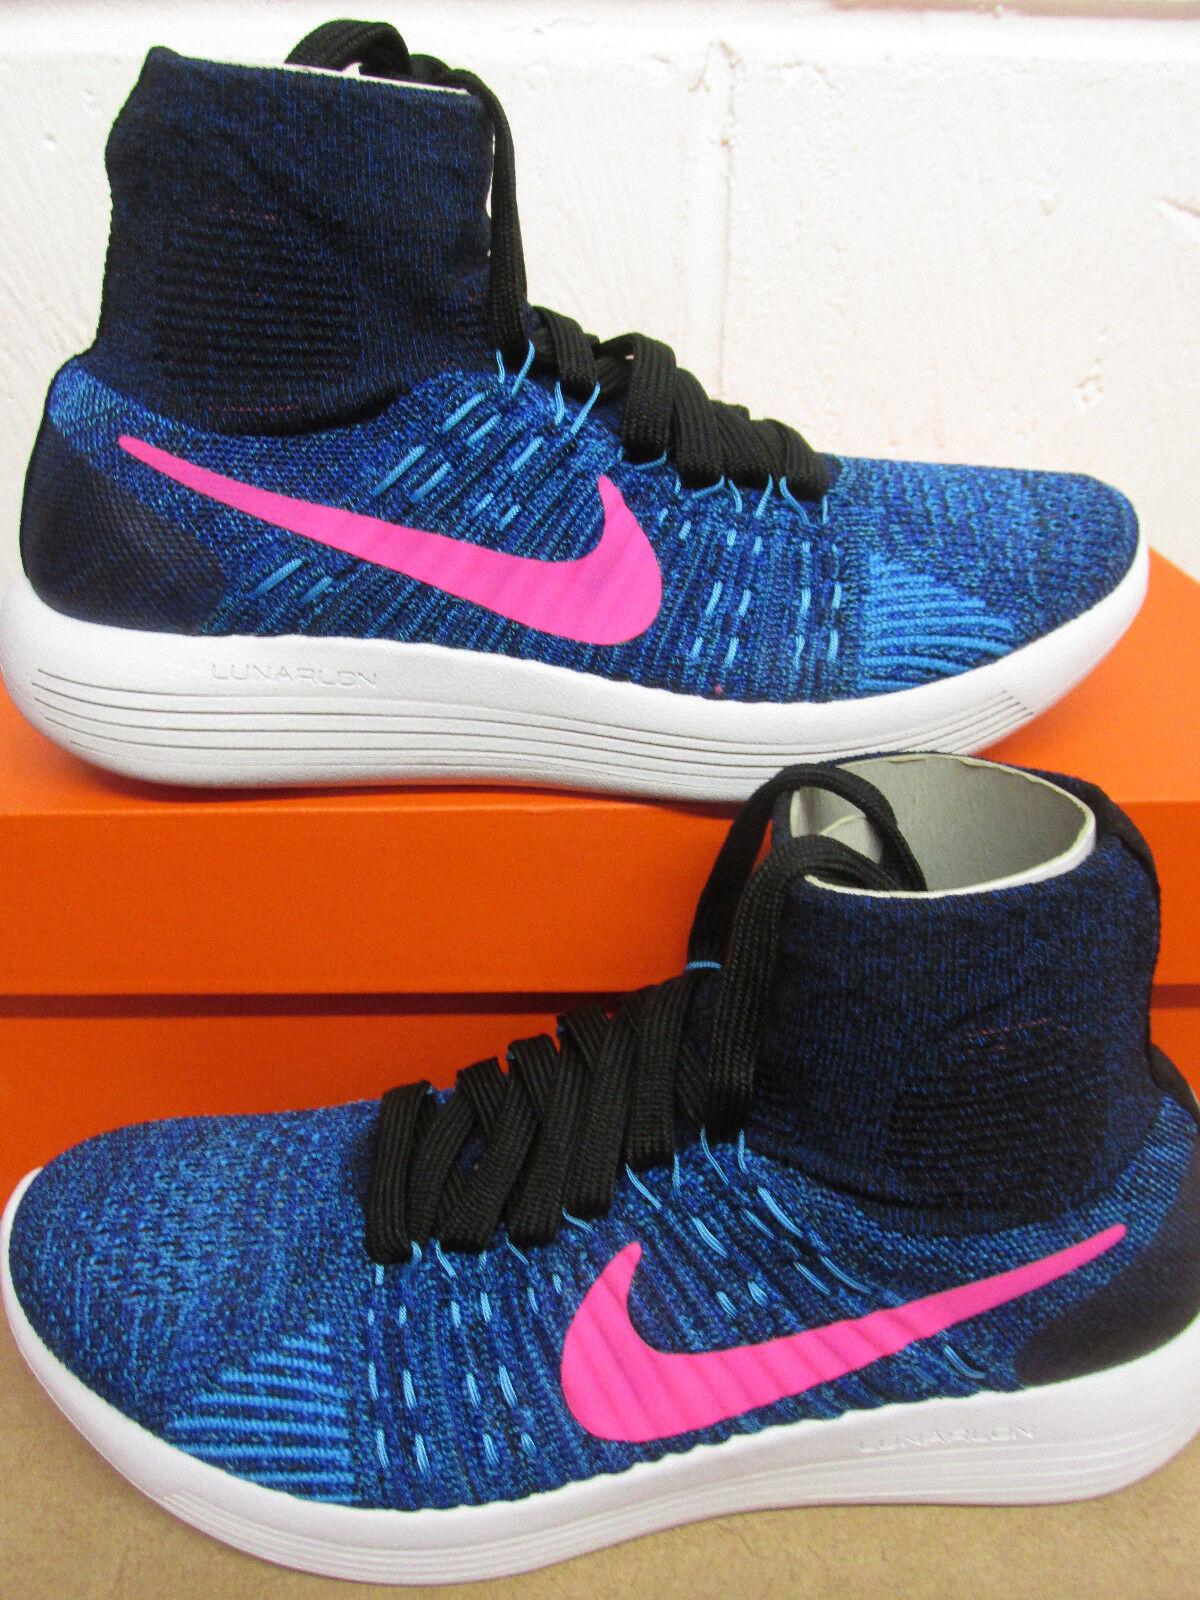 Nike Mujer Lunarepic Flyknit Zapatillas Corriendo Zapatillas 818677 004 Zapatillas Corriendo 4dd717